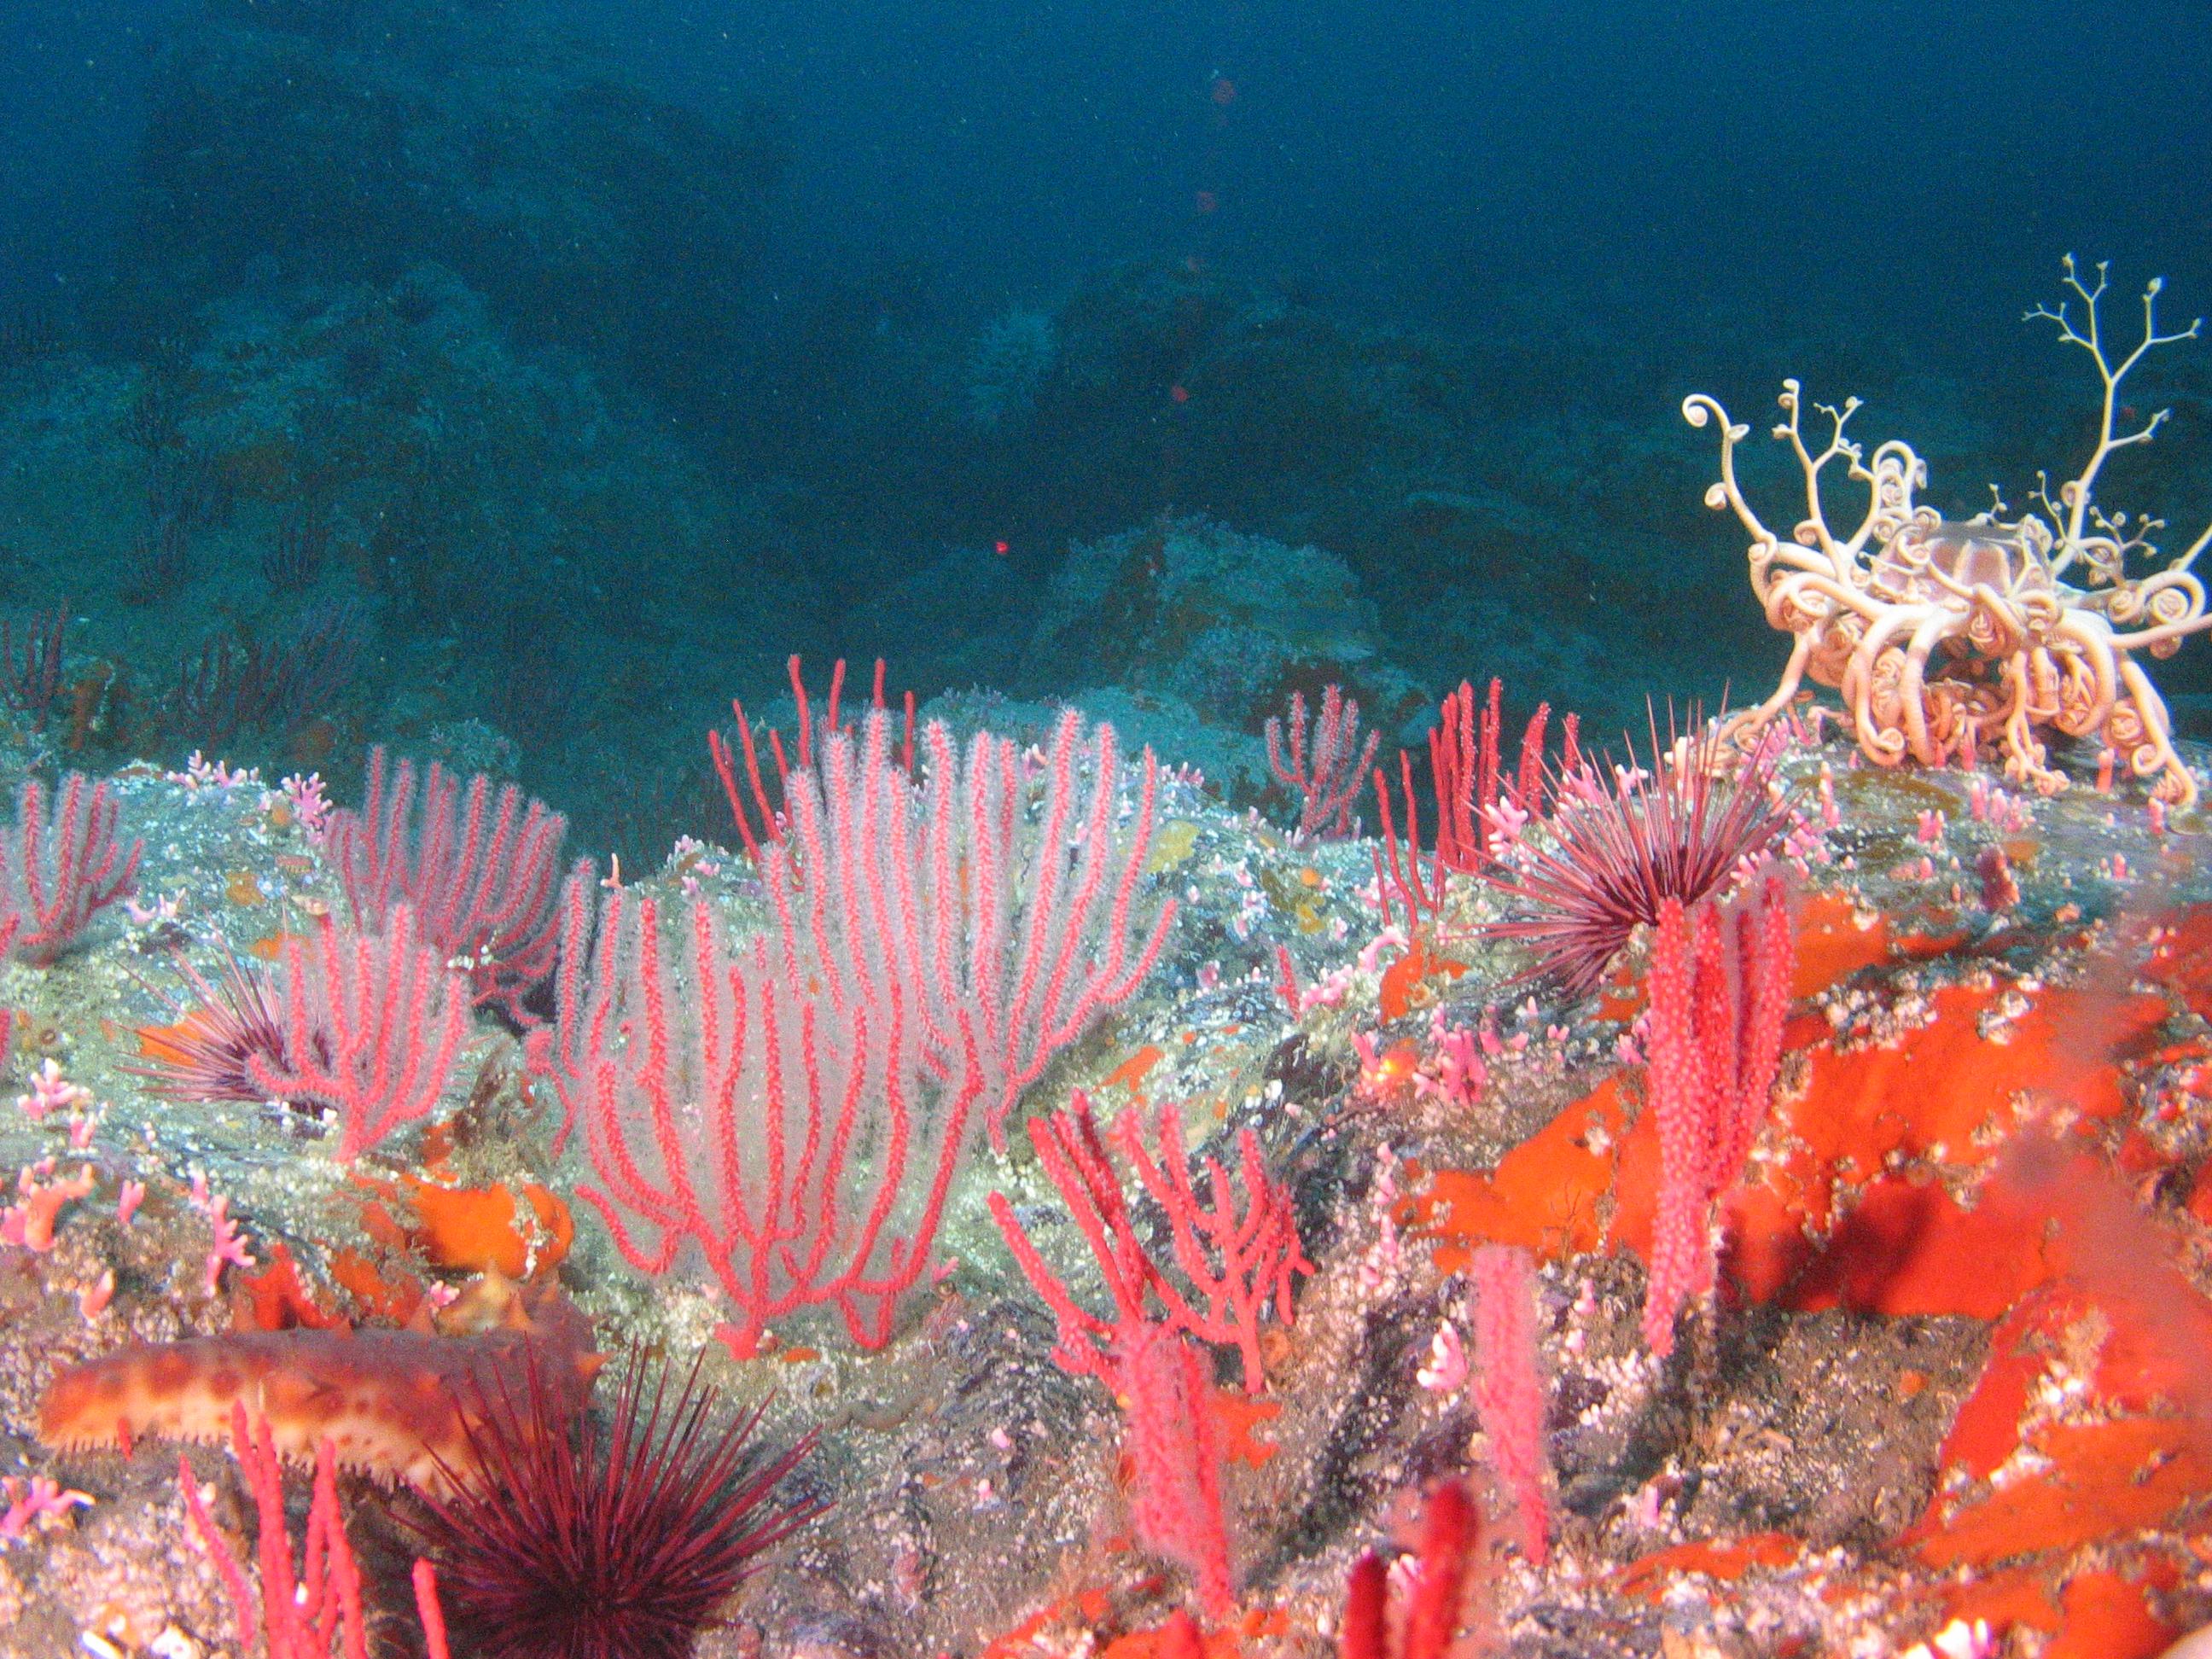 Colorful invertebrates cover a rocky habitat Inside Sea Lion Gulch SMR.